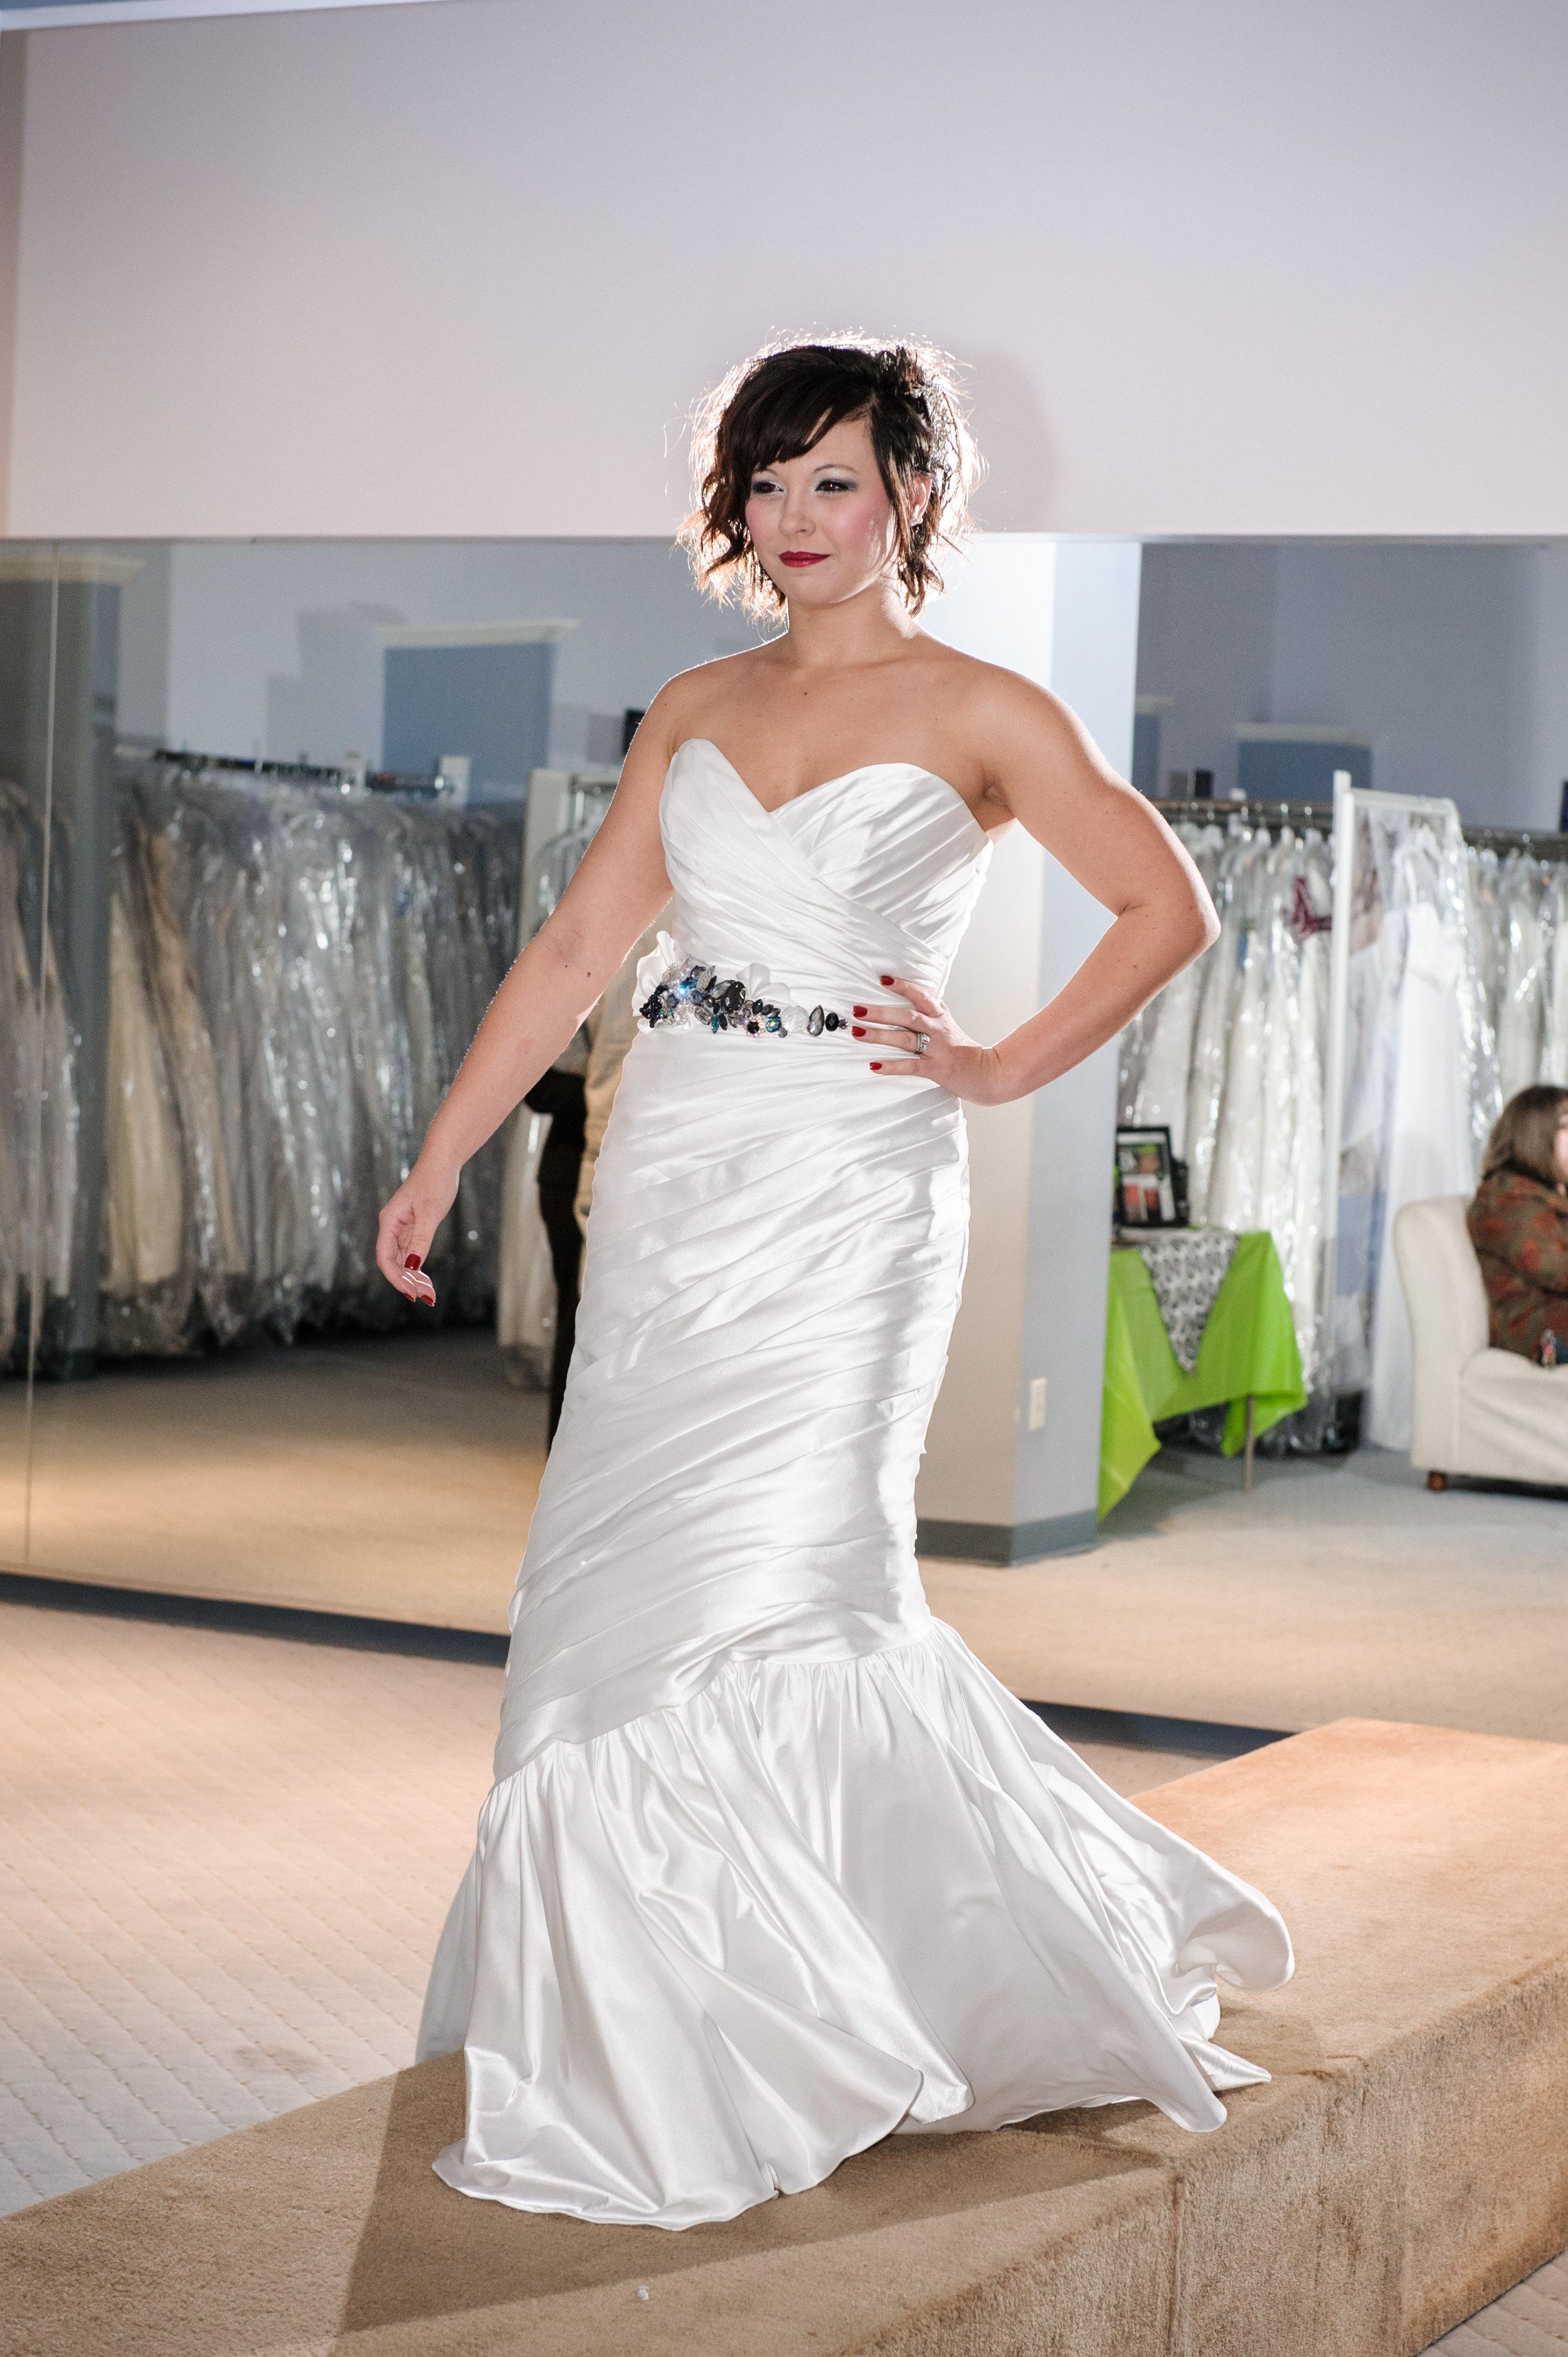 Alfred-Angelo-Disney-Fashion-OKC-2012-0028.jpg